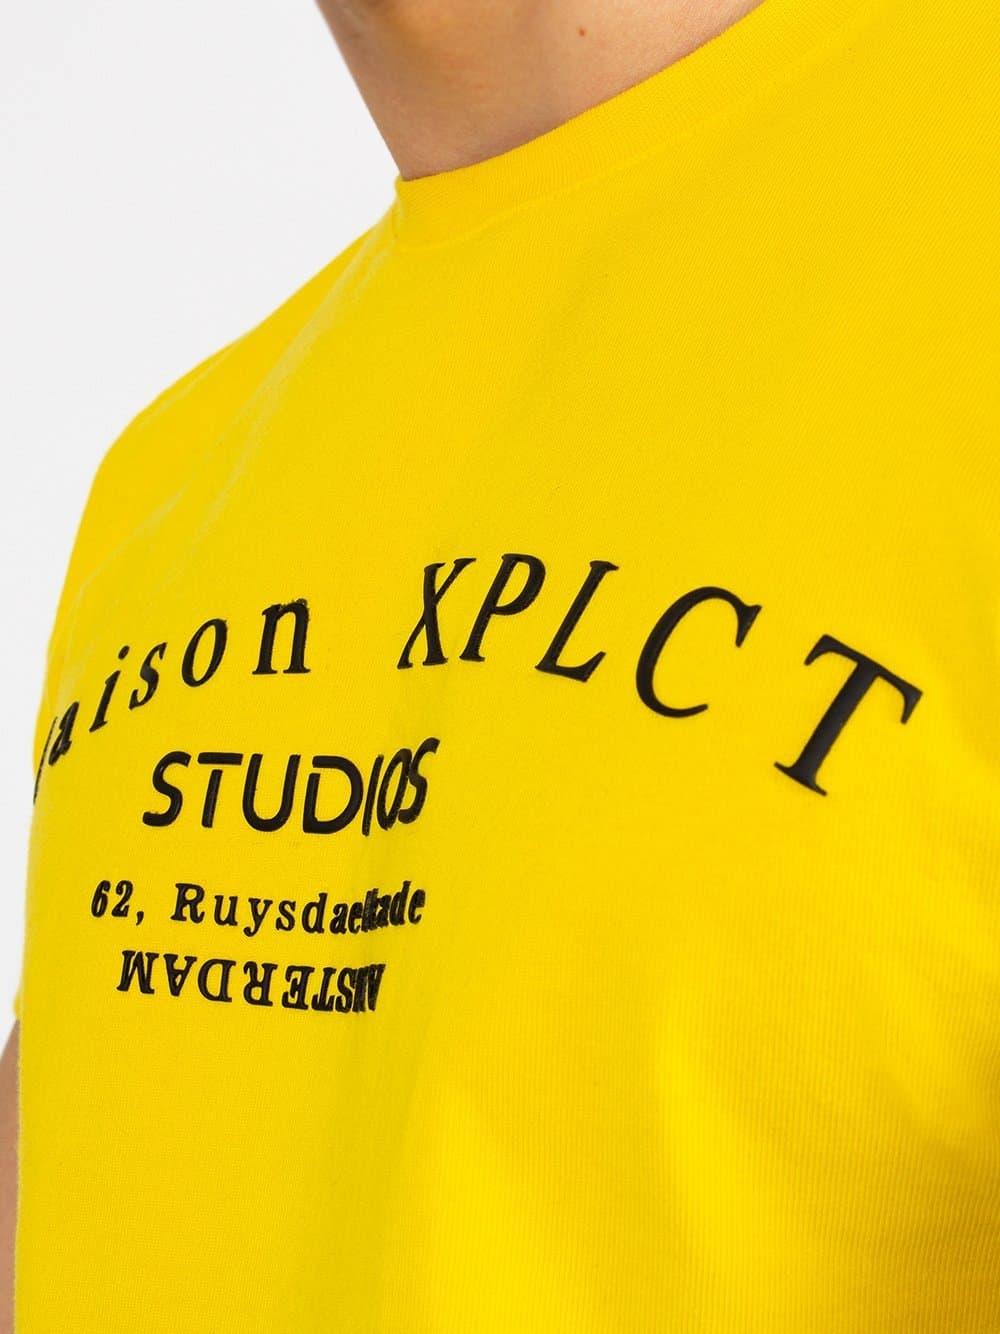 Yellow Studio Tee XPLCT - geel Tshirt met grote afbeelding van het logo op de borst